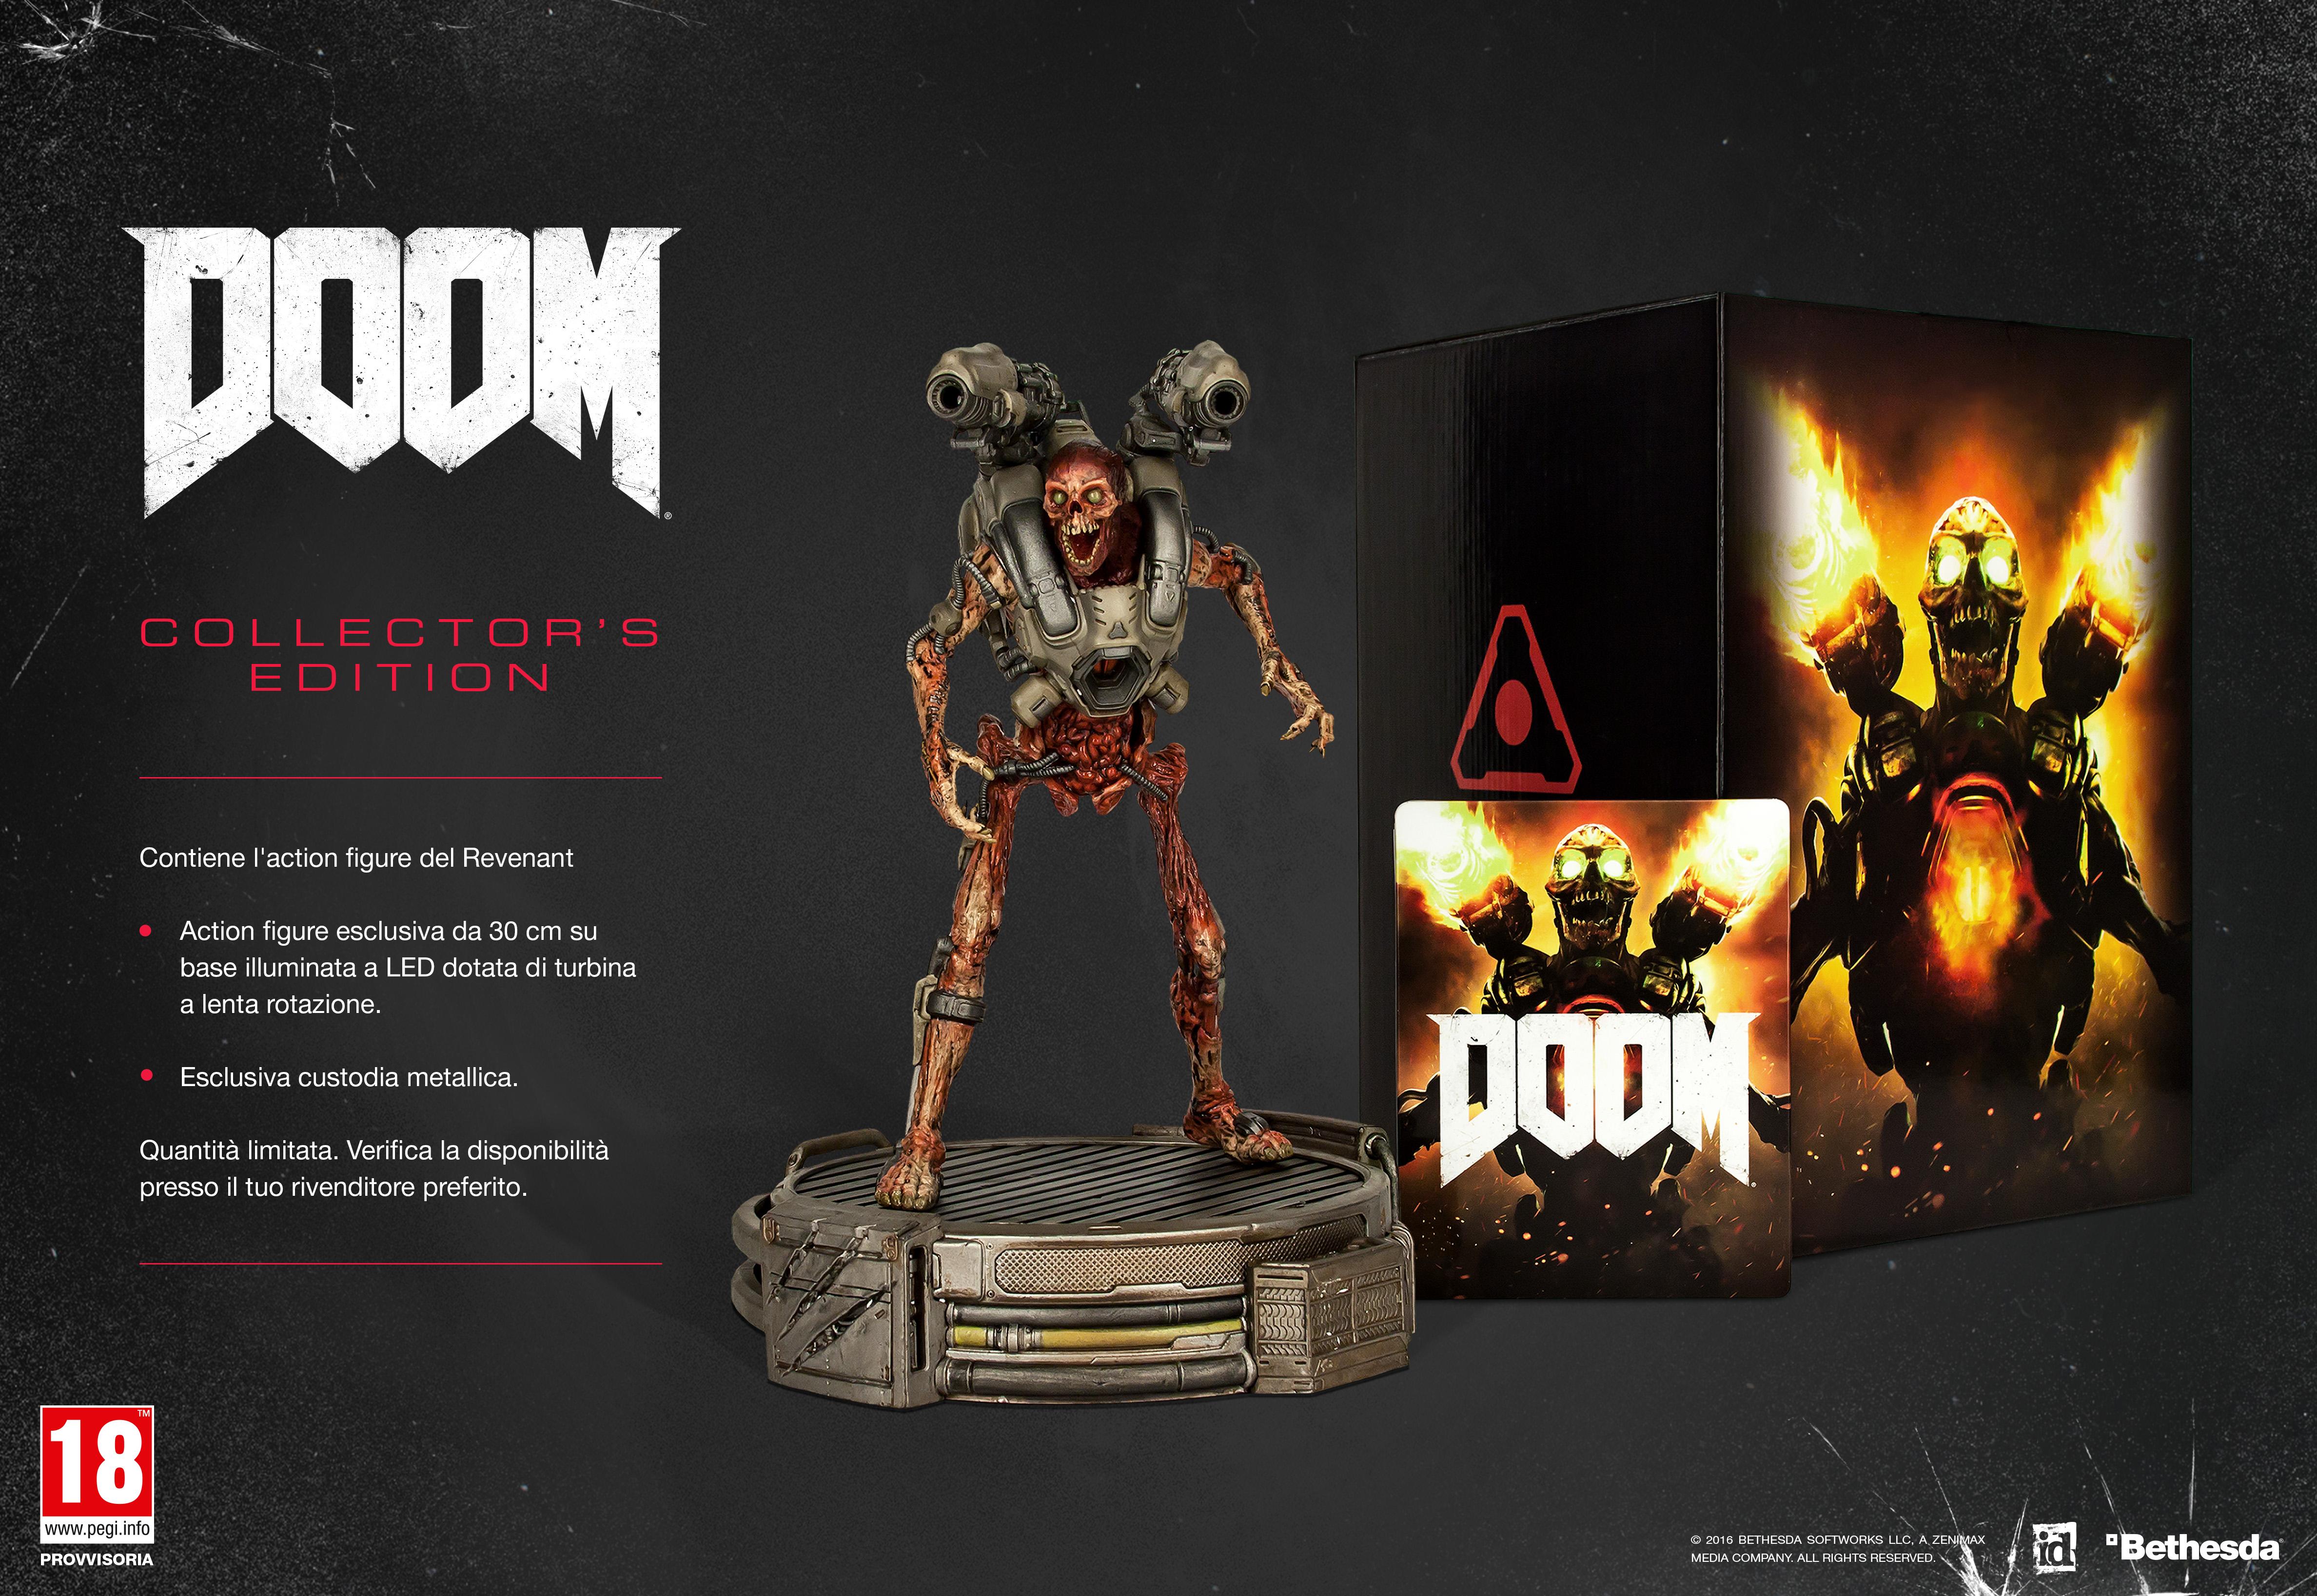 Doom collector